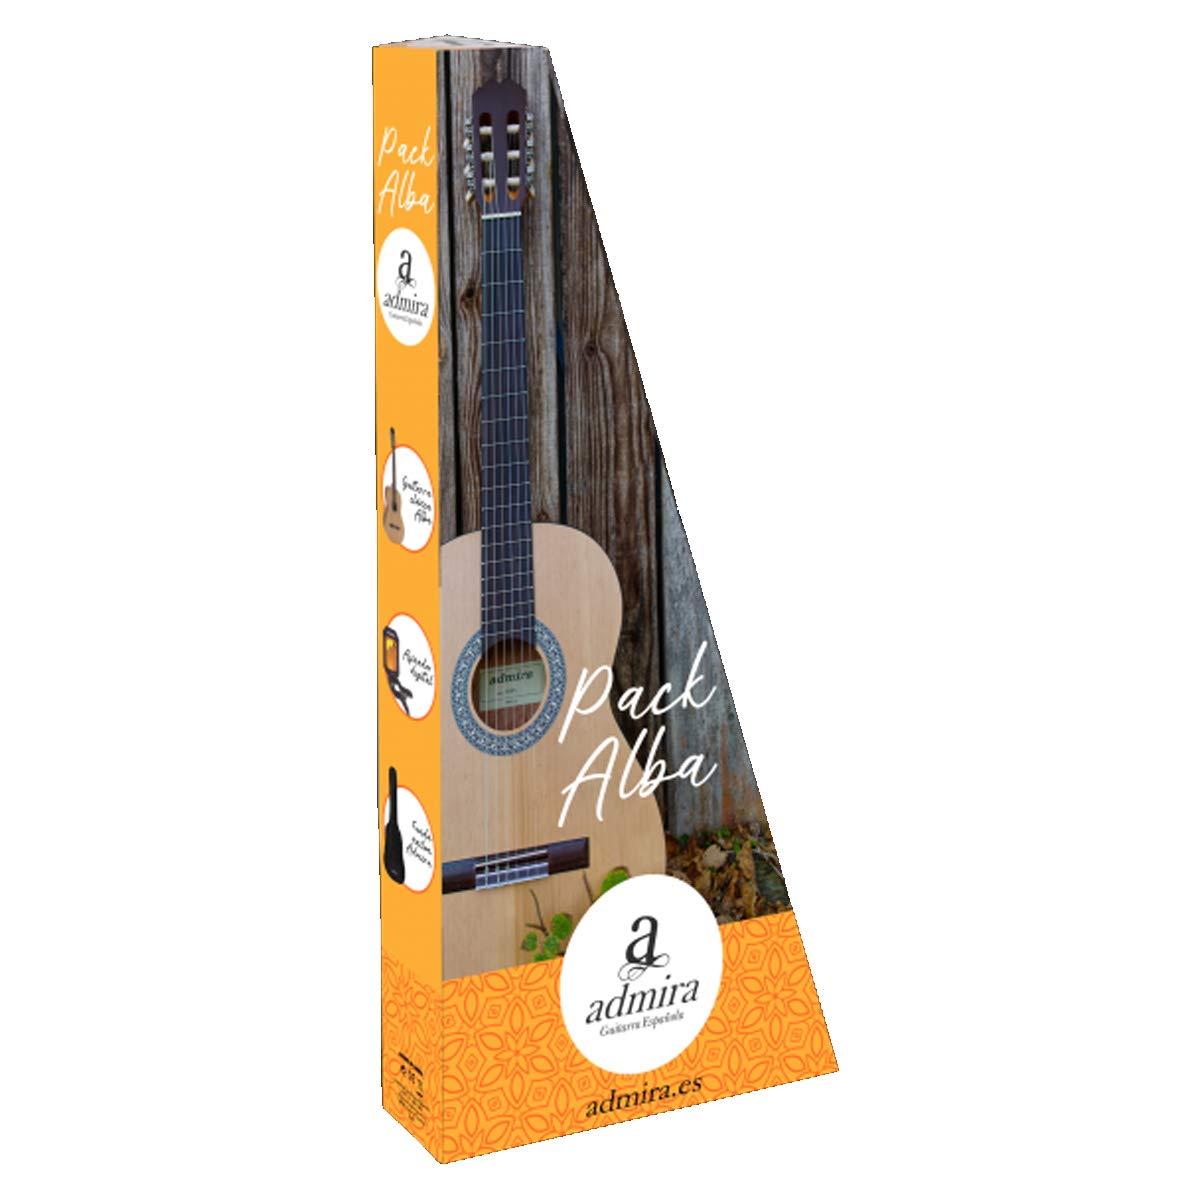 Admira (Alba) Iniciación 4/4 (Pack) guitarra clásica española: Amazon.es: Instrumentos musicales